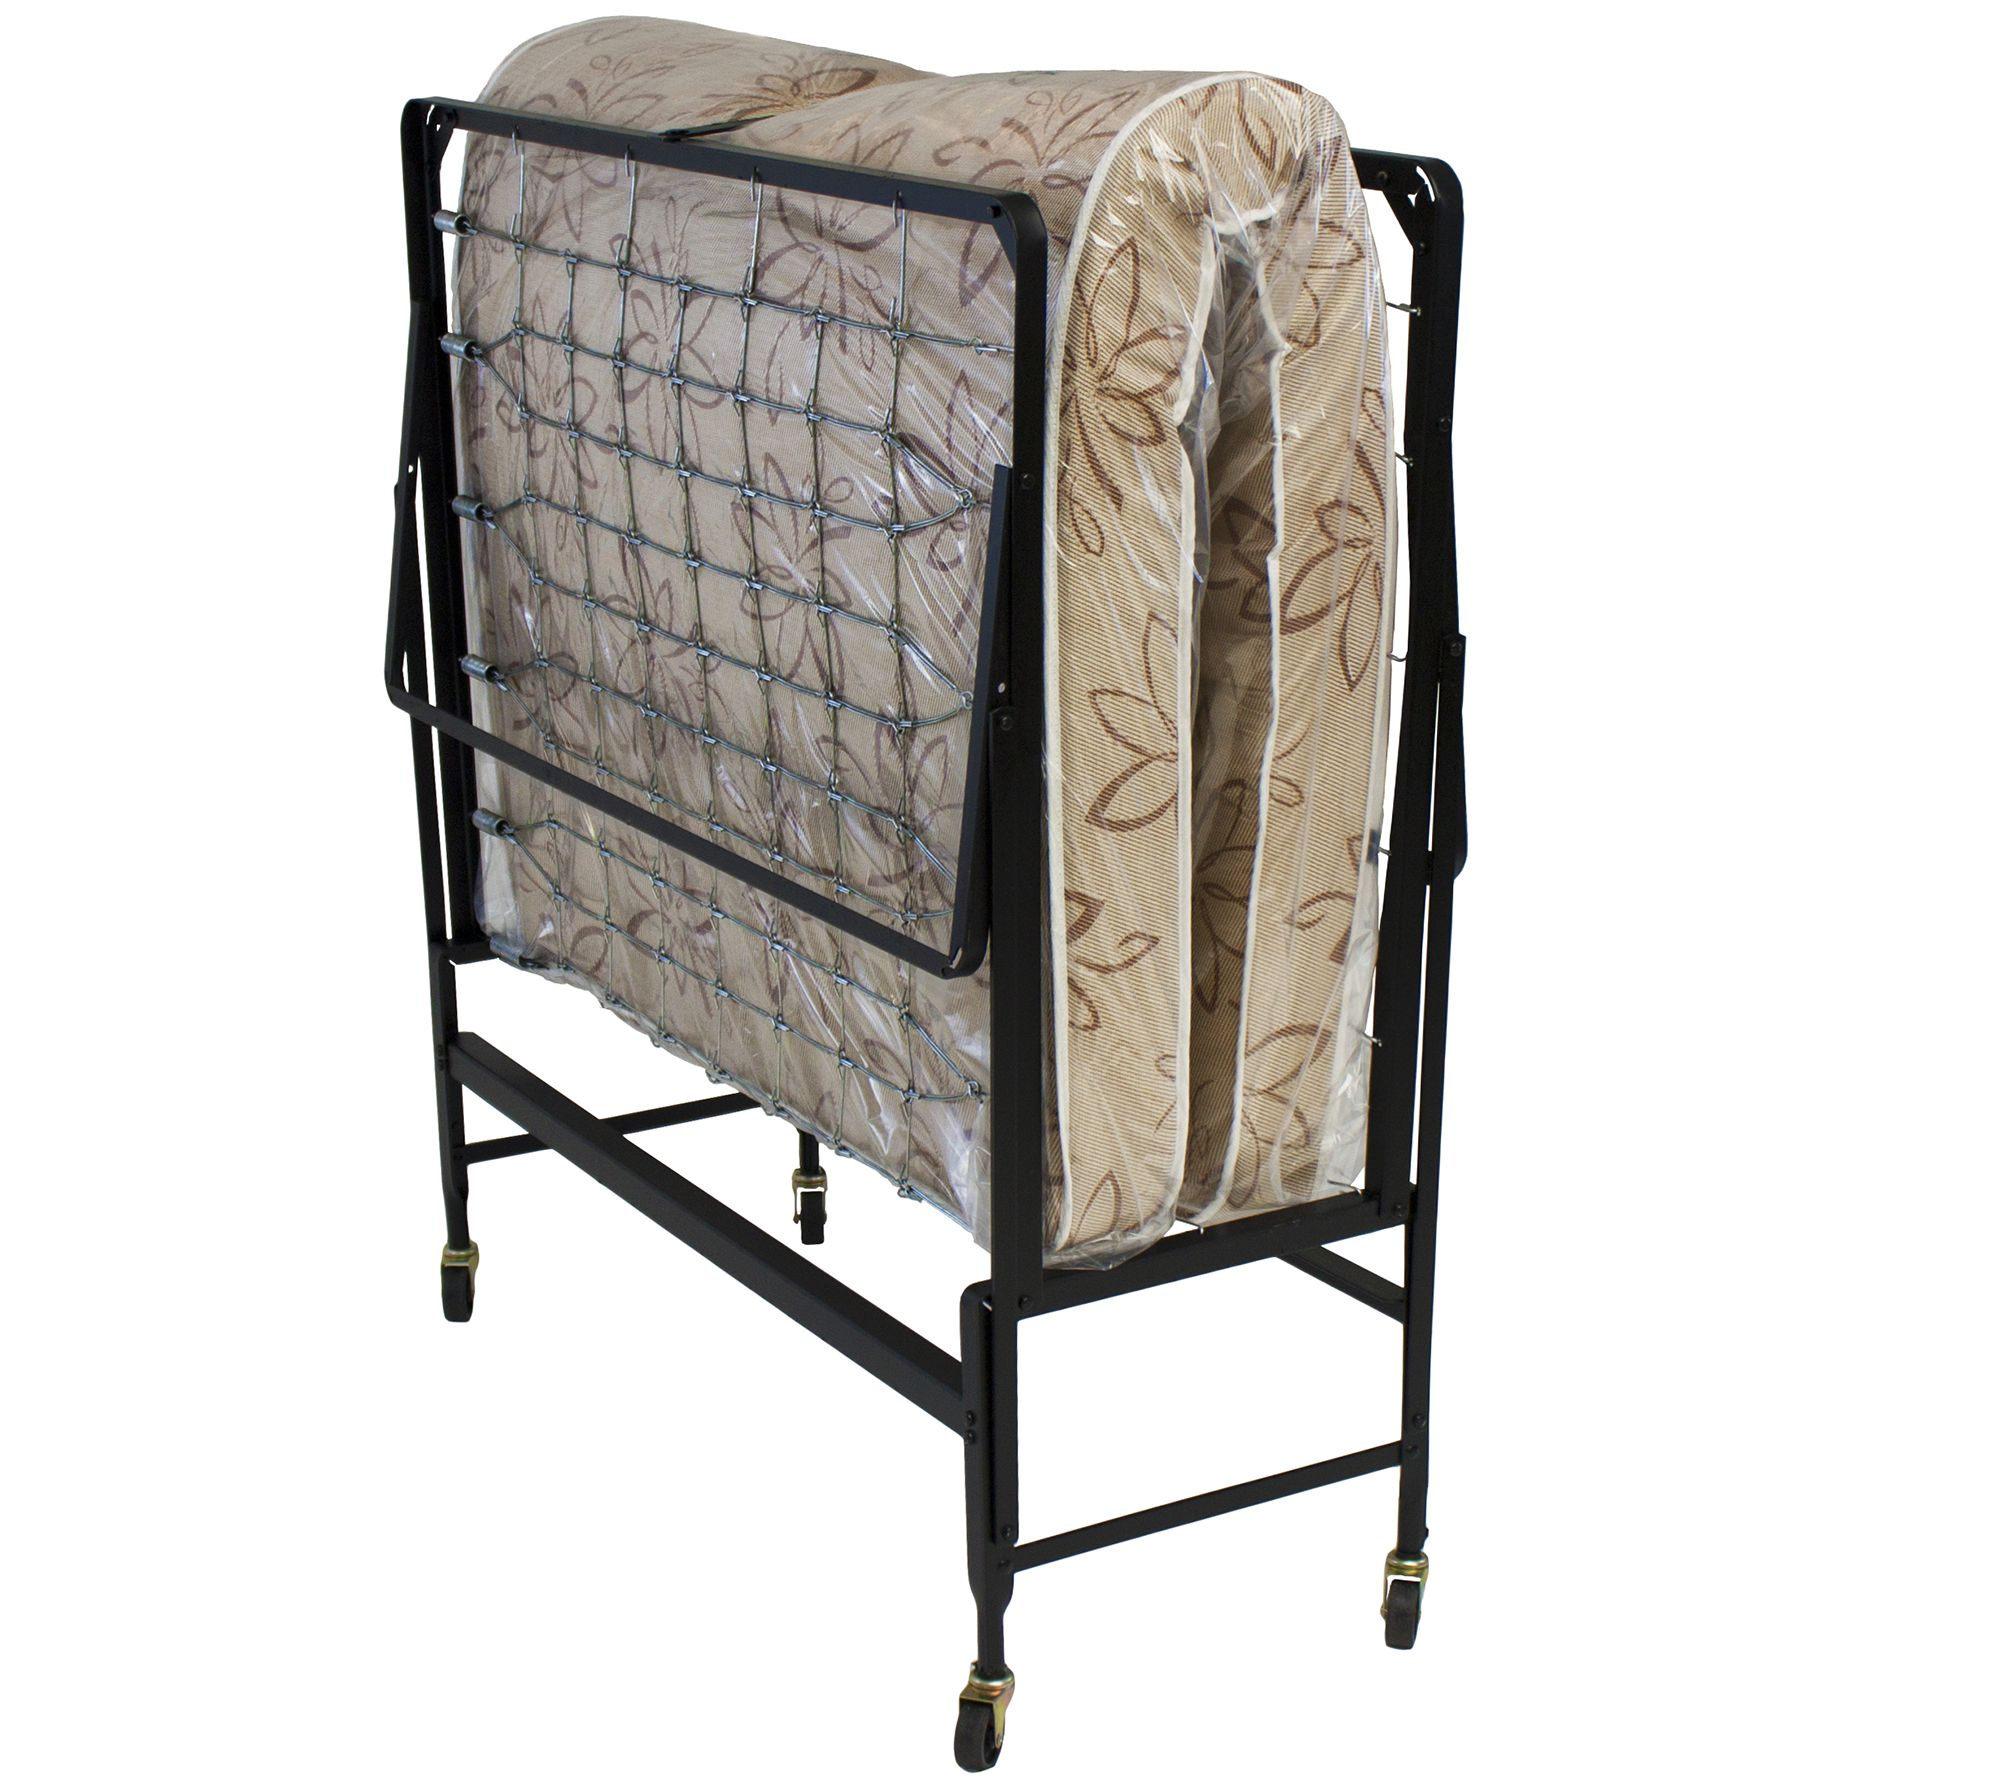 Serta Twin Size Rollaway Bed with Fiber Mattress — QVC.com